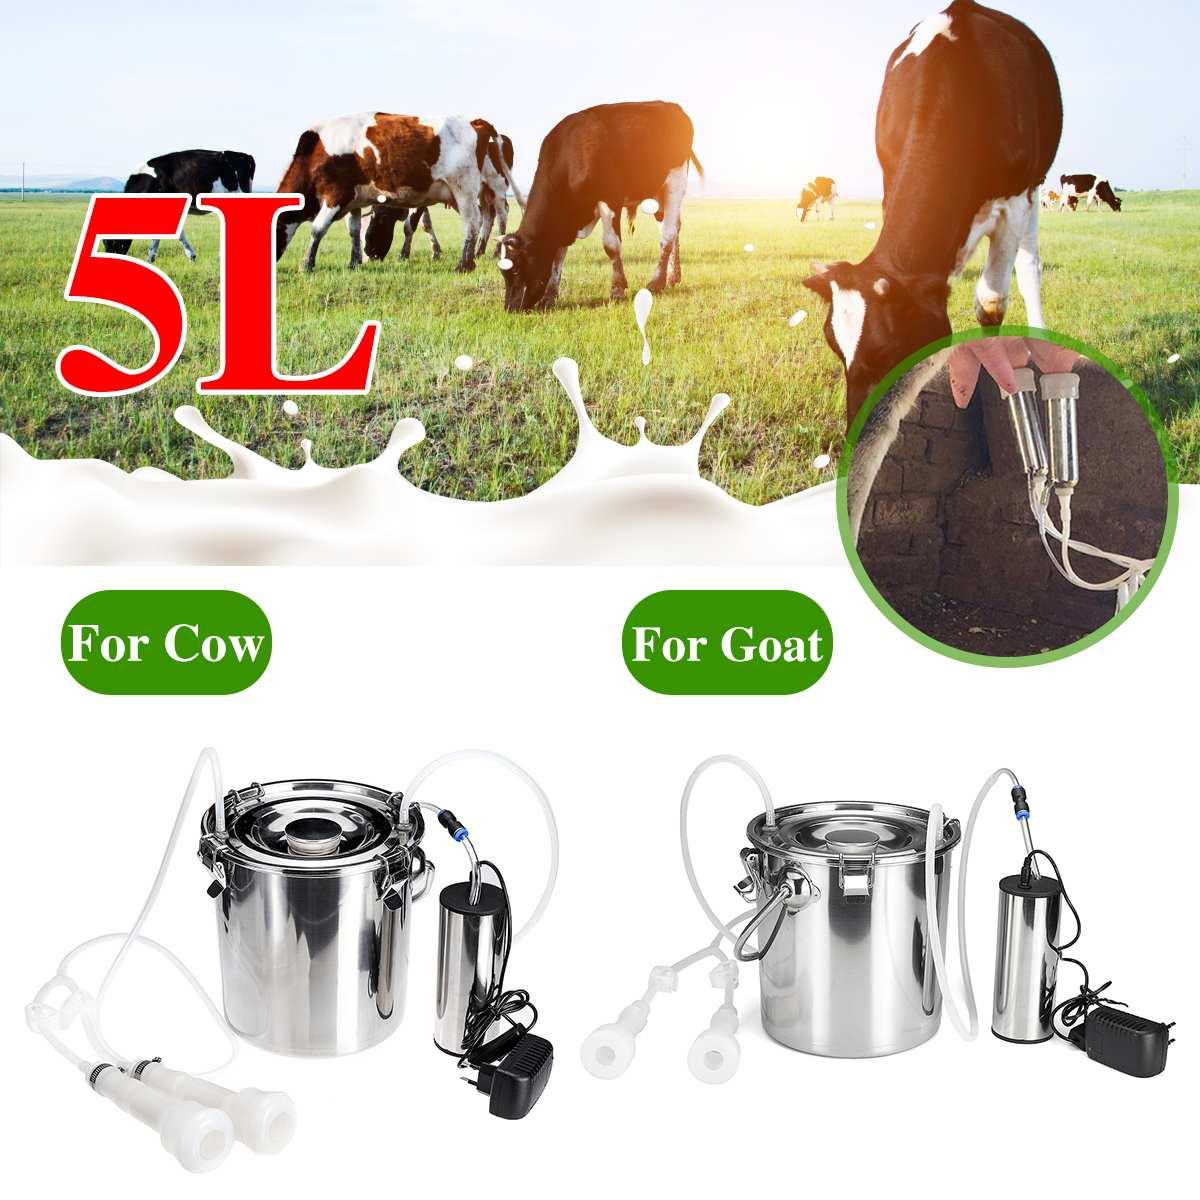 5L Máquina de Ordenha Elétrica Bomba de Vácuo de Aço Inoxidável Balde Ordenhador Sucção Domésticos Máquinas De Ordenha de Vaca Cabra Sheep